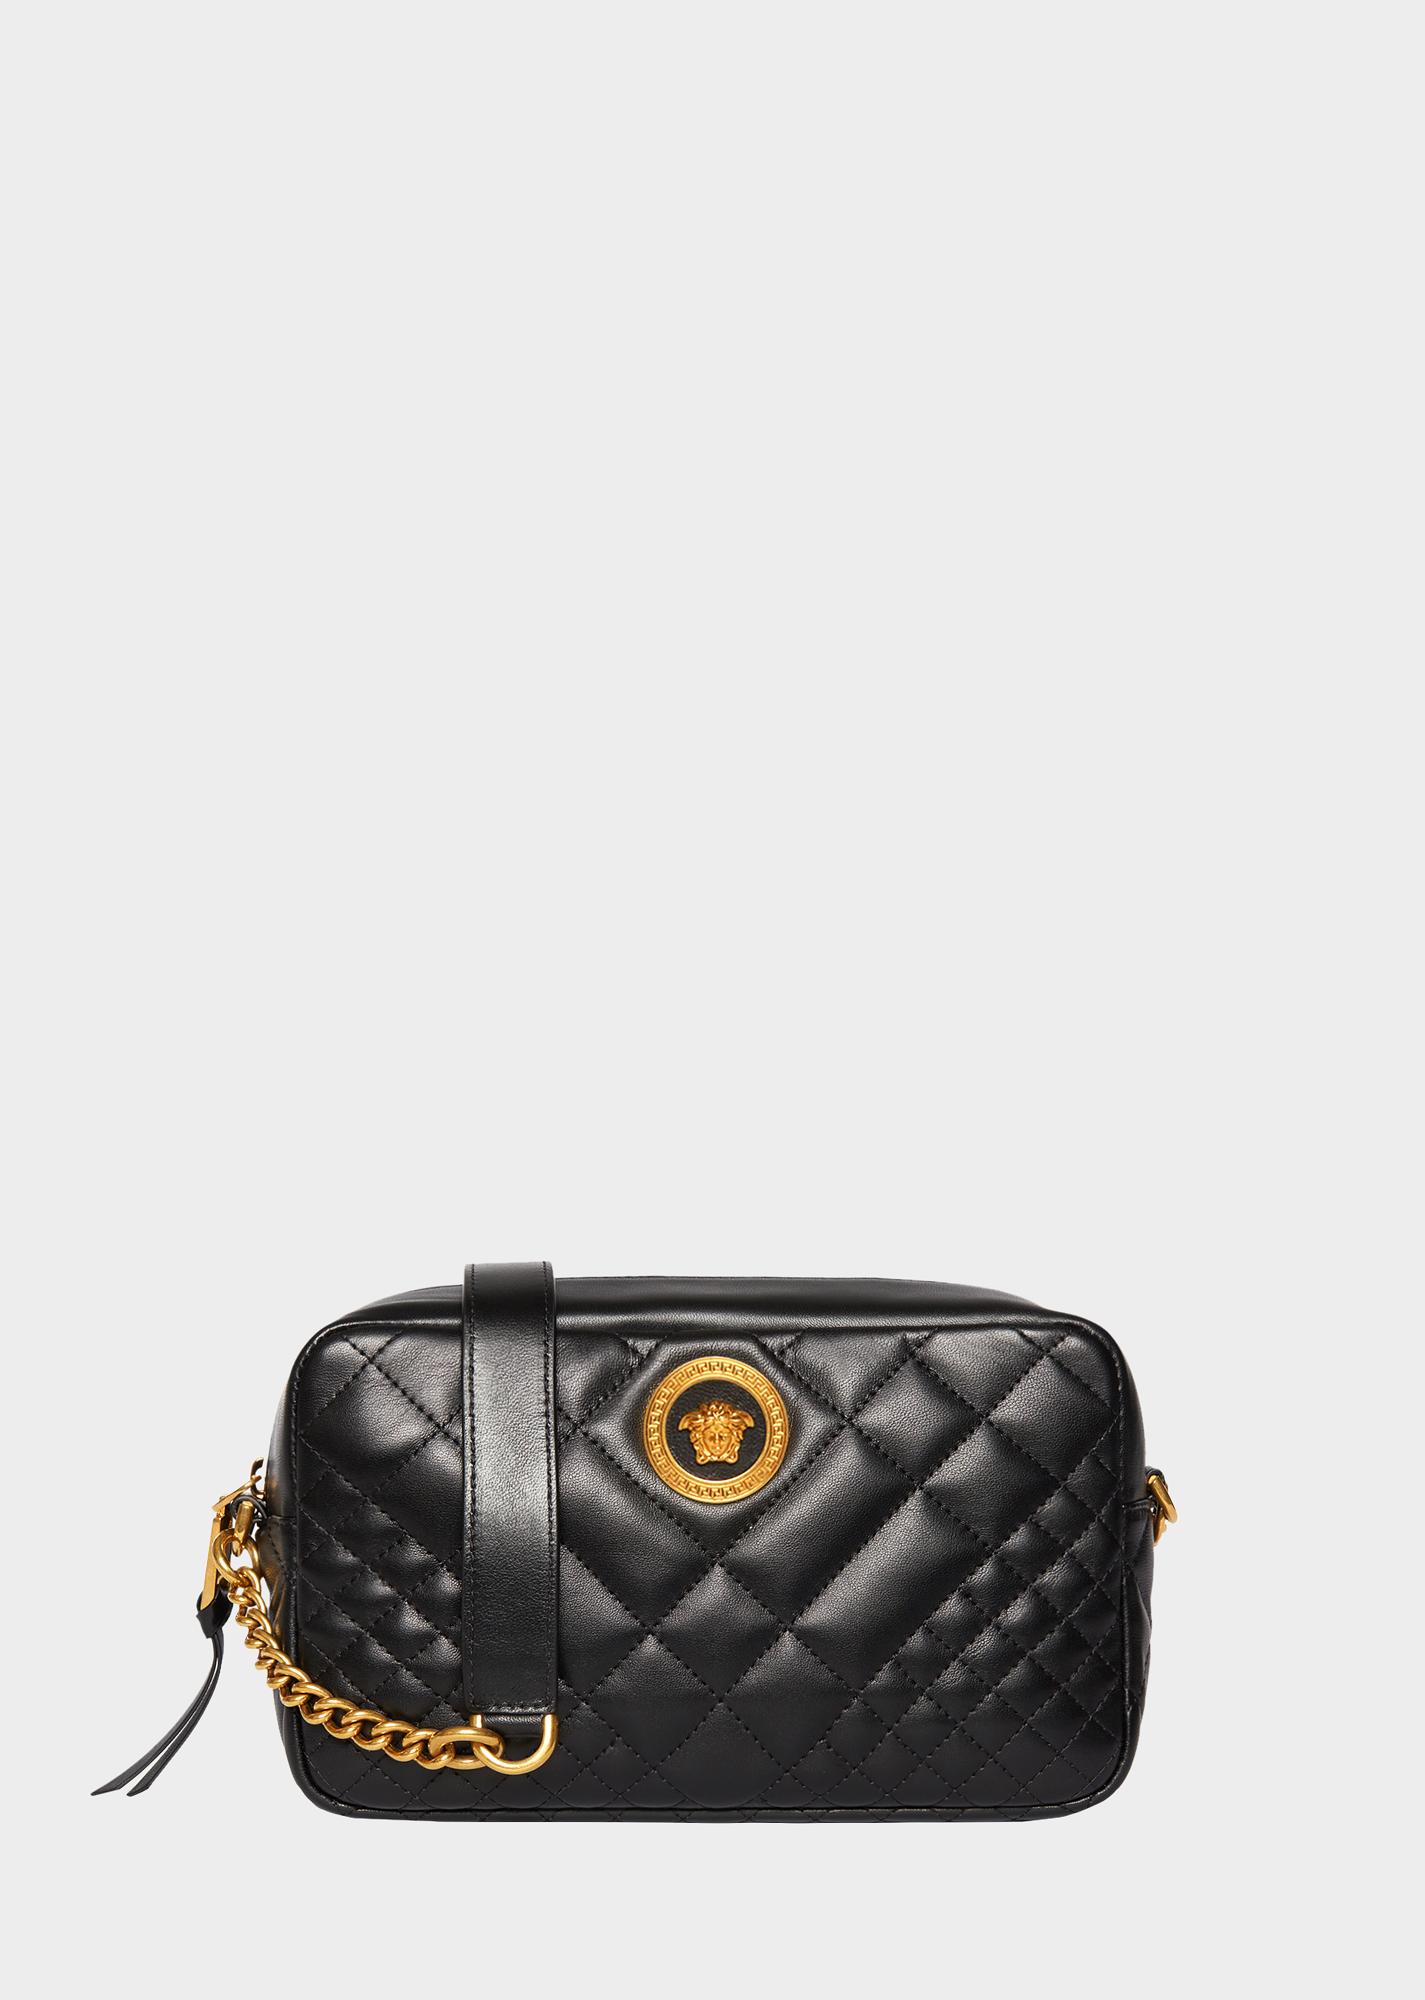 7f3561ed74 Versace Quilted Shoulder Bag